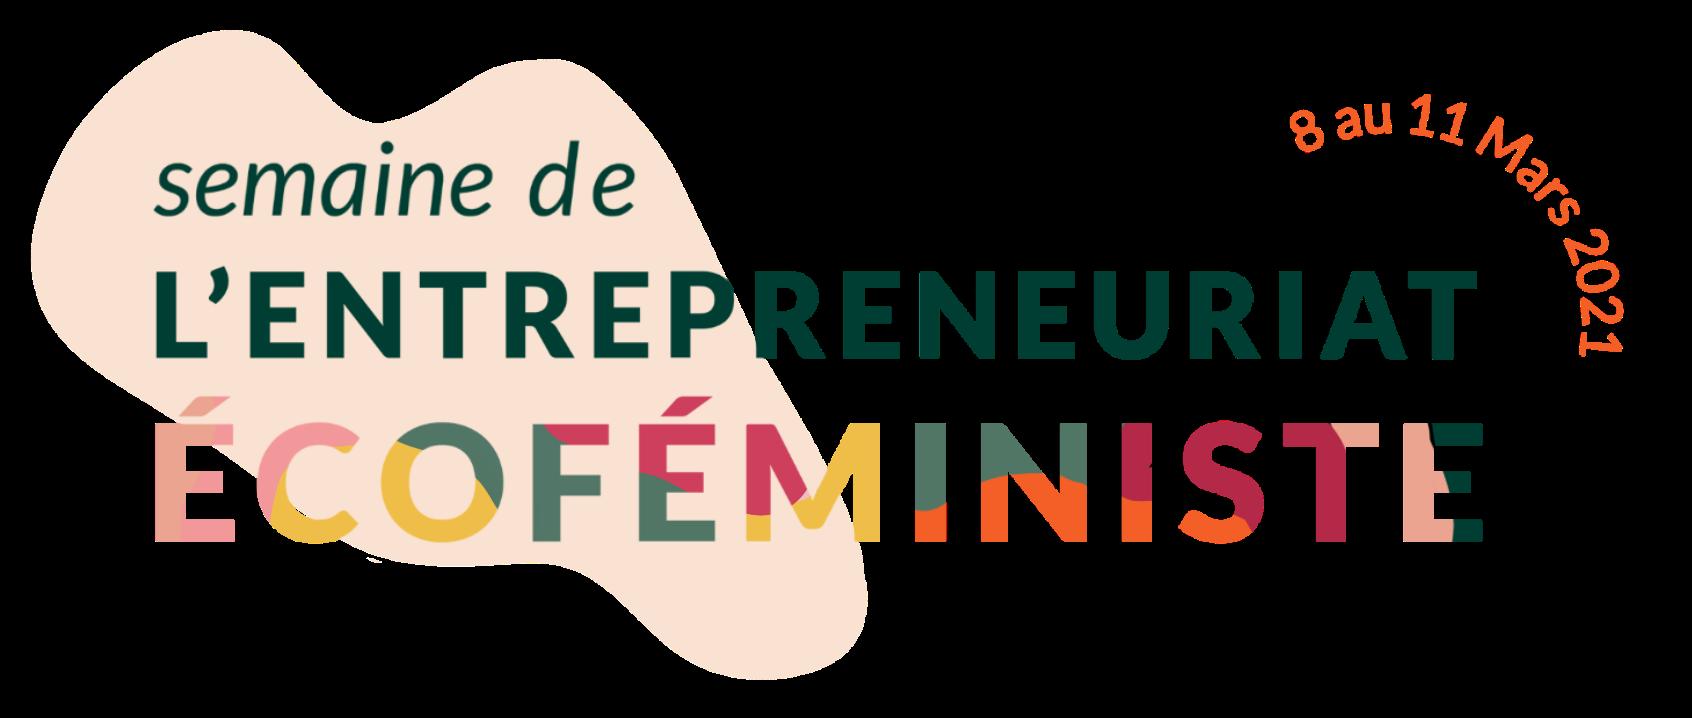 Semaine de l'Entrepreneuriat Ecofeministe